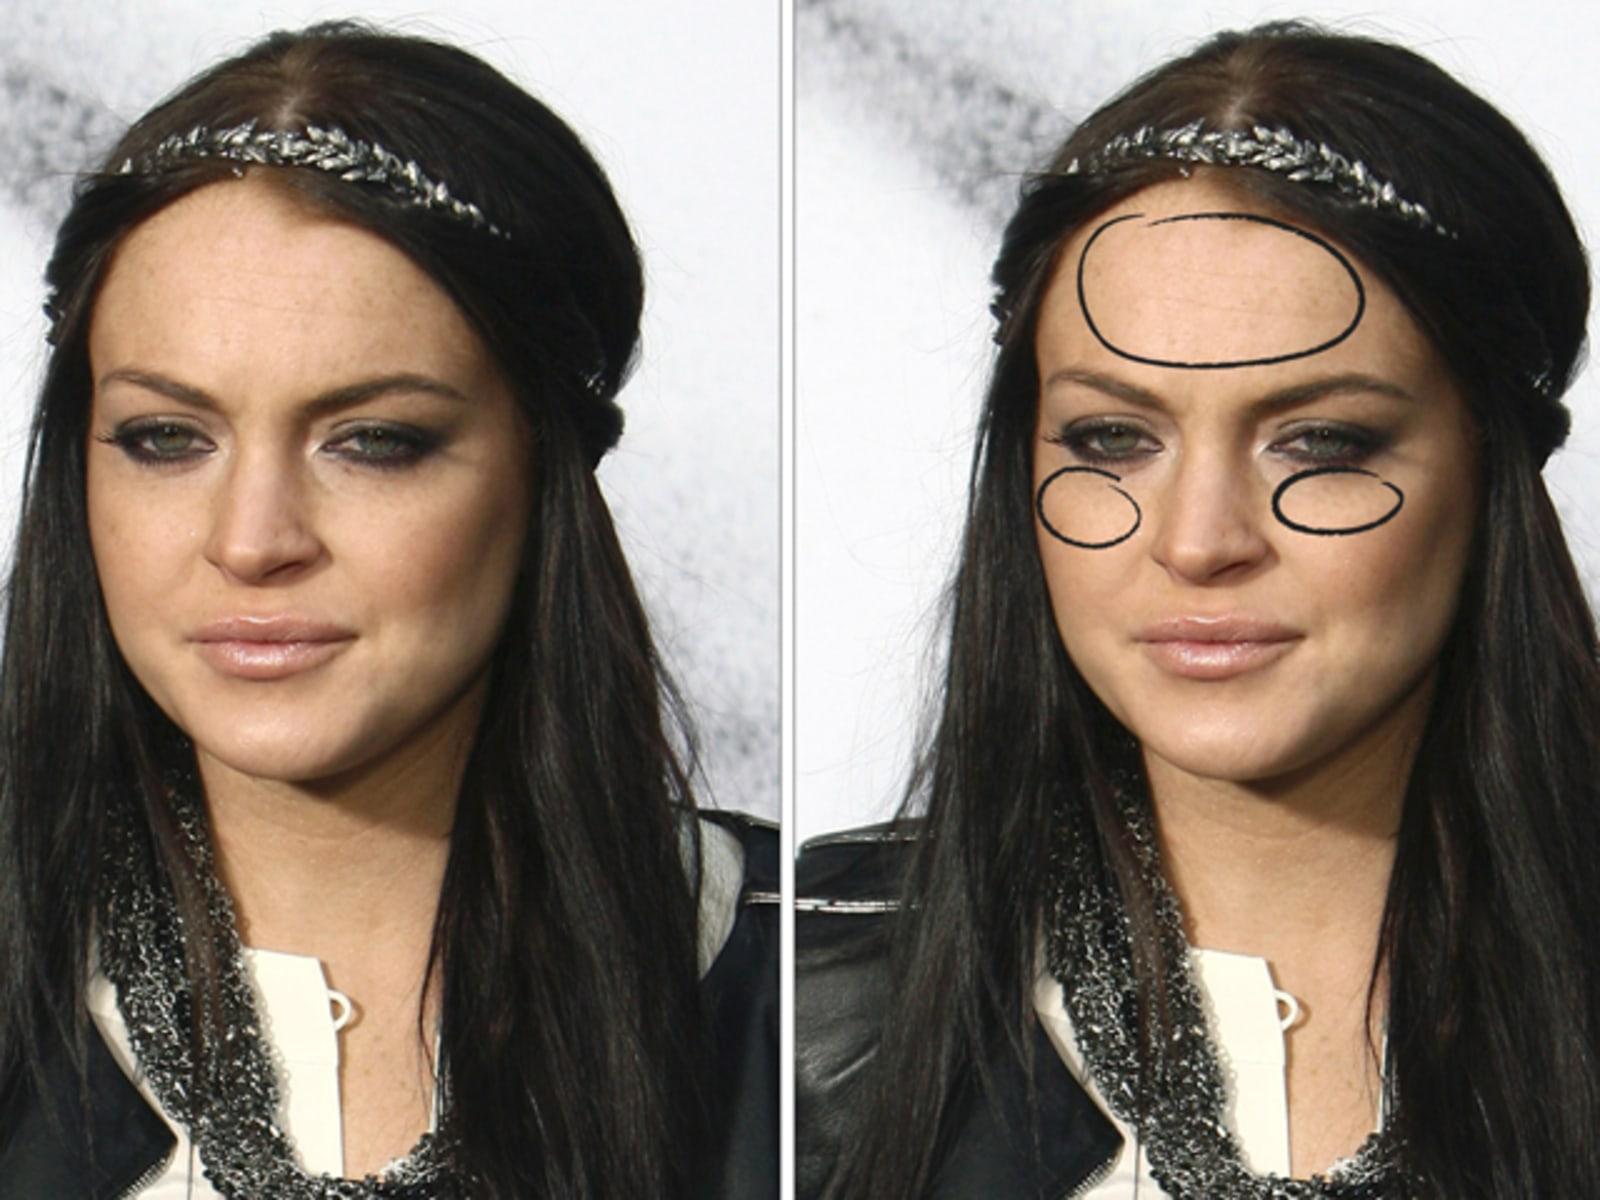 Image: Lindsay Lohan